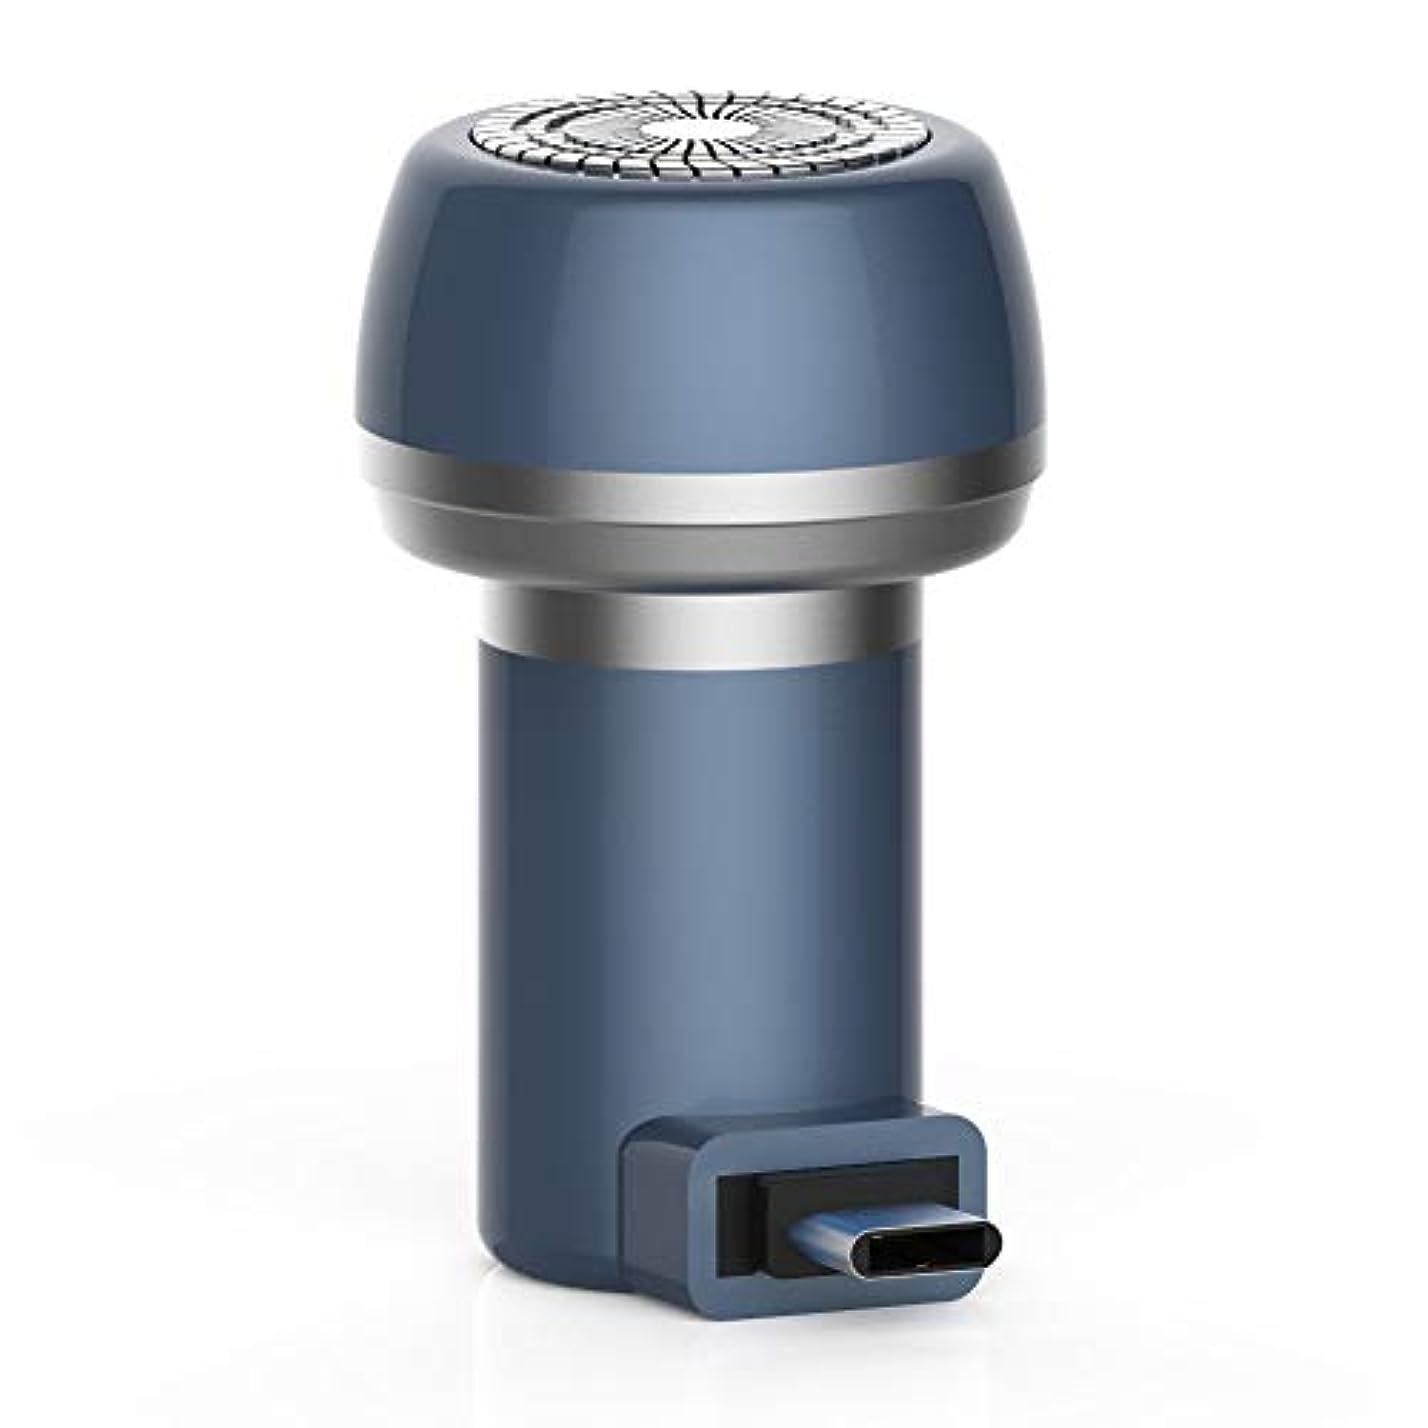 ドットアルコーブ適性Tenflyer 2 1磁気電気シェーバーミニポータブルType-C USB防水剃刀